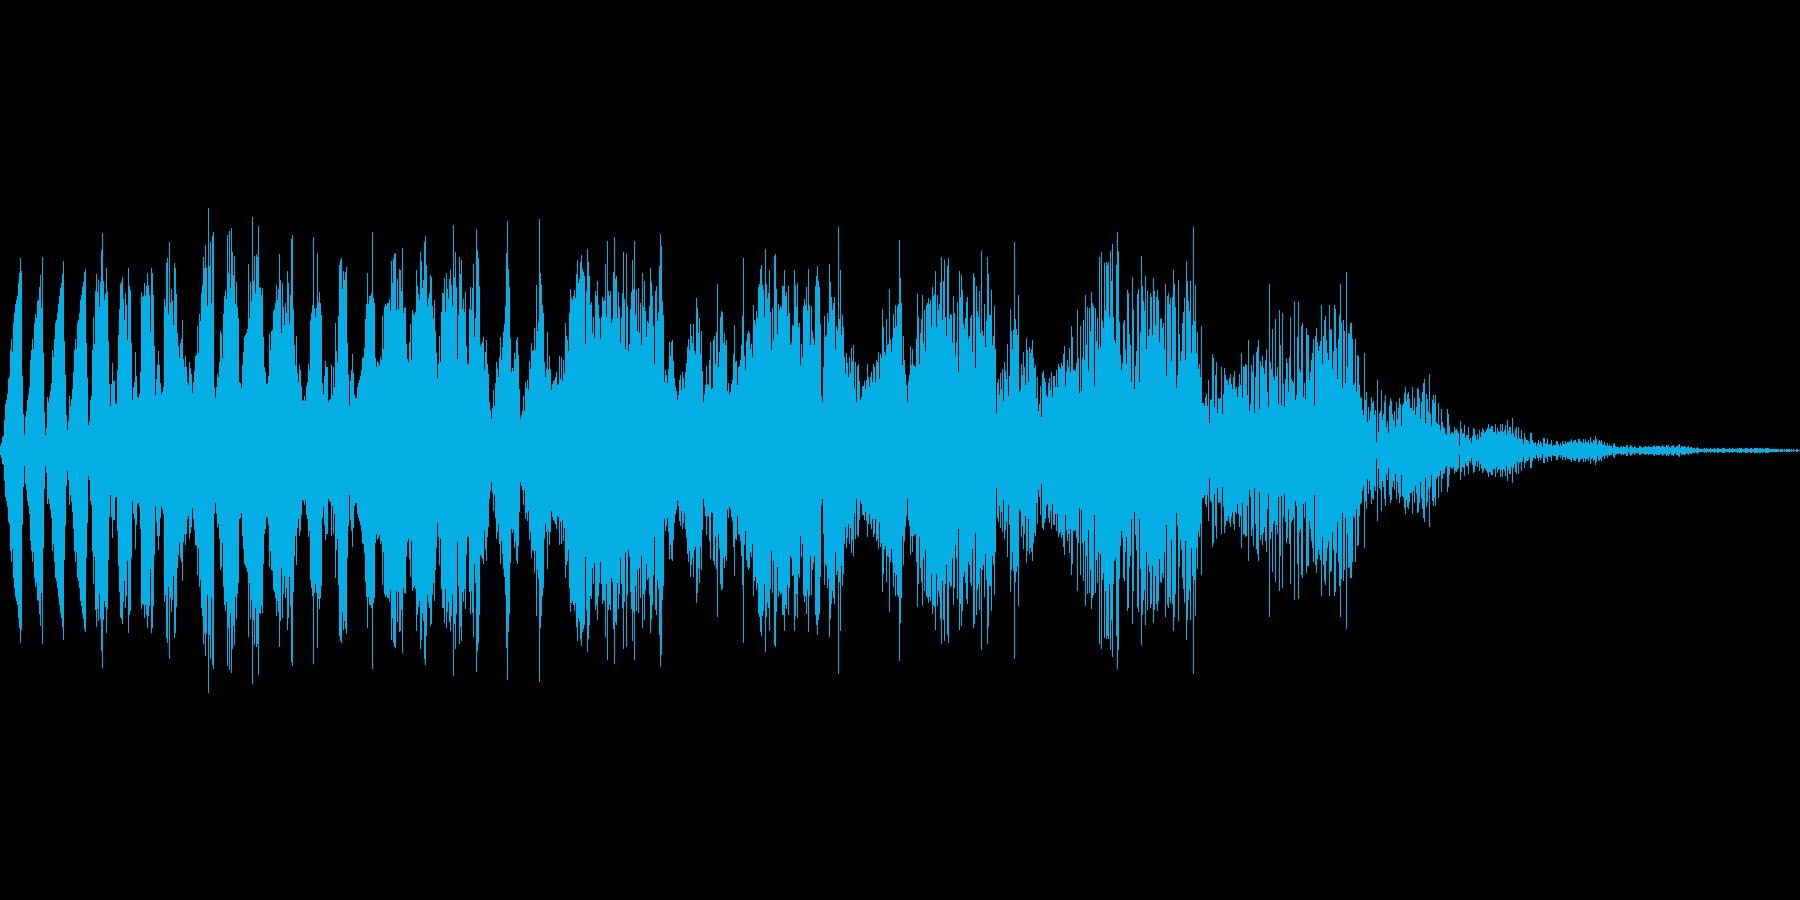 ステータスダウン系の下降音の再生済みの波形